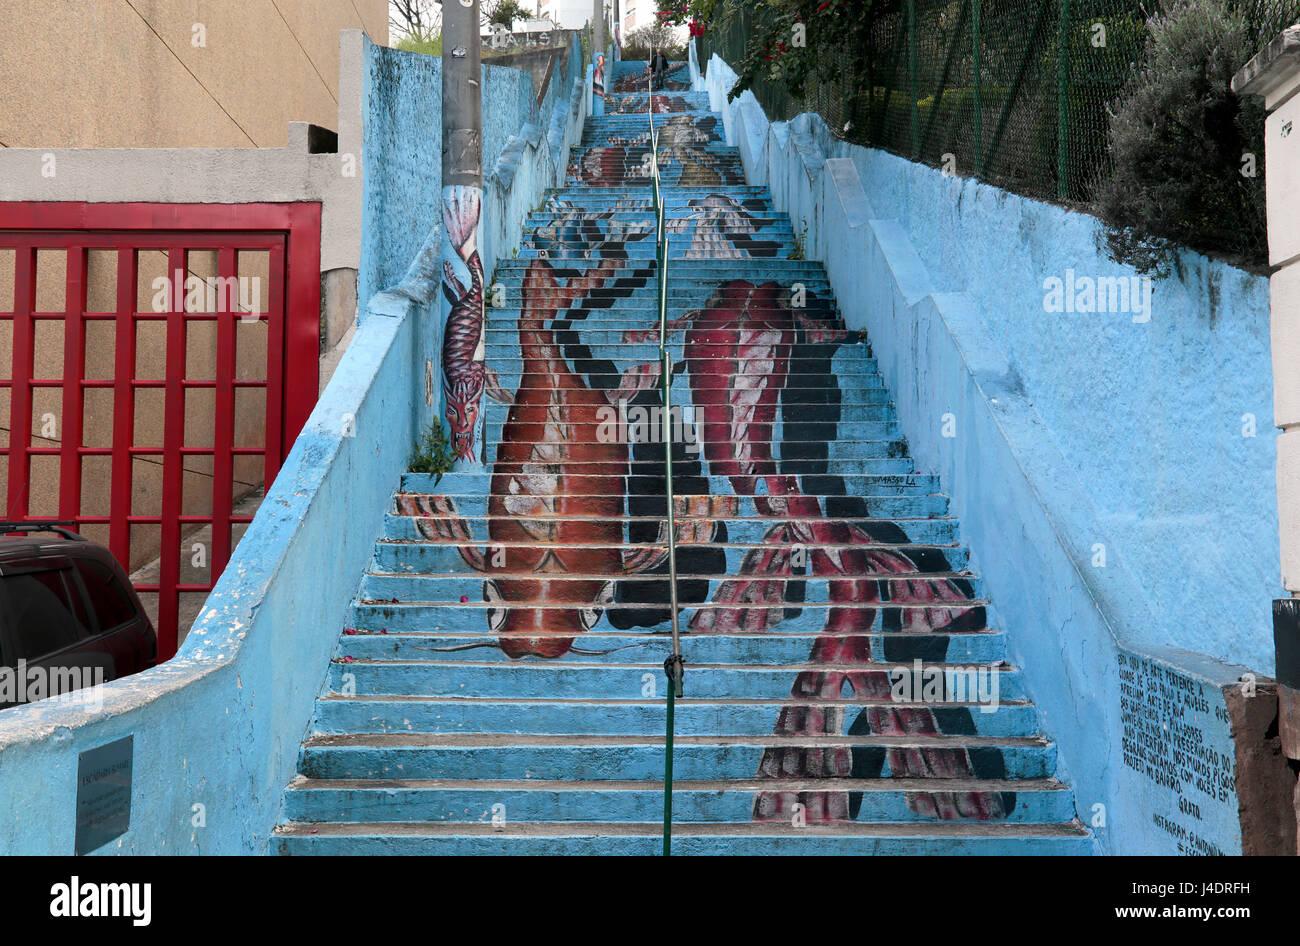 Graffiti en una escalera, en la ciudad de Sao Paulo - Brasil Imagen De Stock